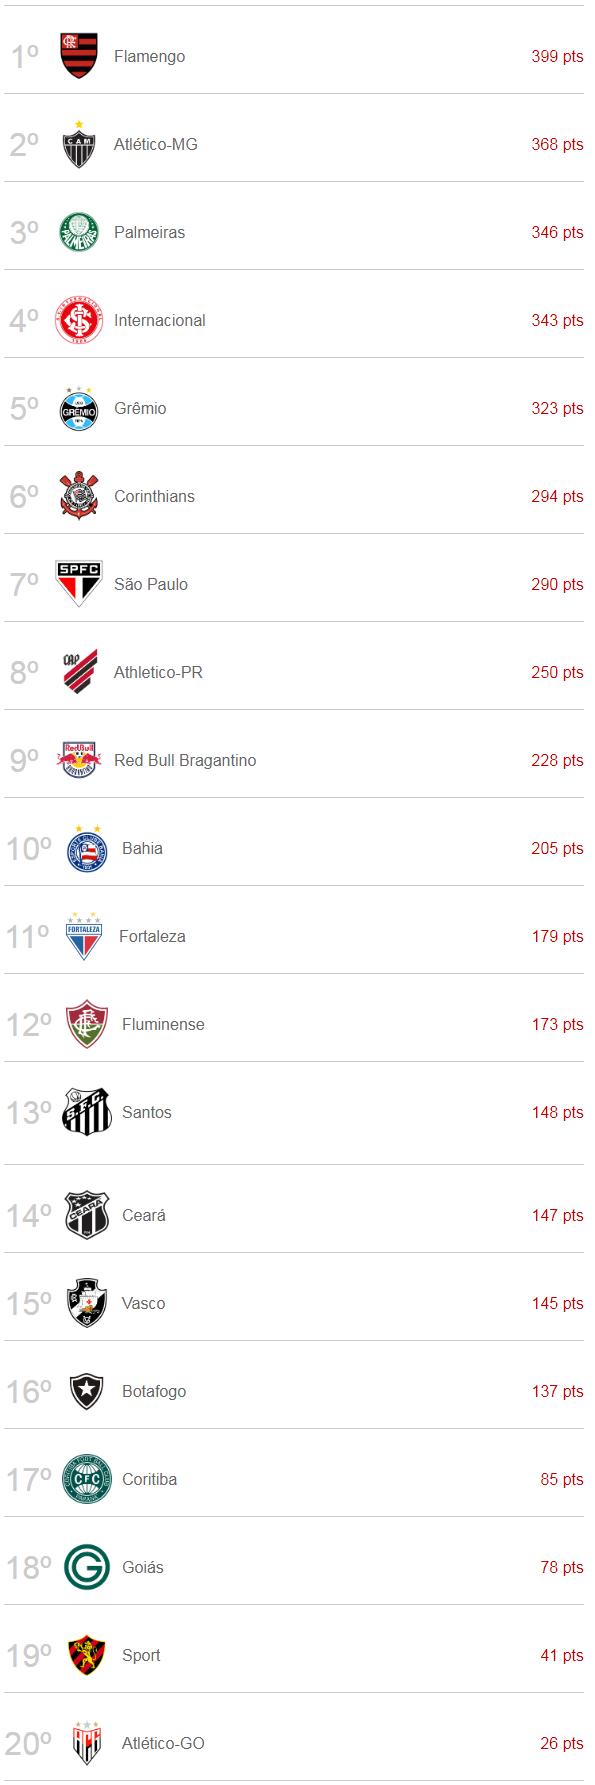 Guia Do Brasileirao 2020 Flamengo Bicampeao Quase Unanime E Atletico Mg A Frente Do Palmeiras Veja A Cotacao Espn Fox Do Torneio